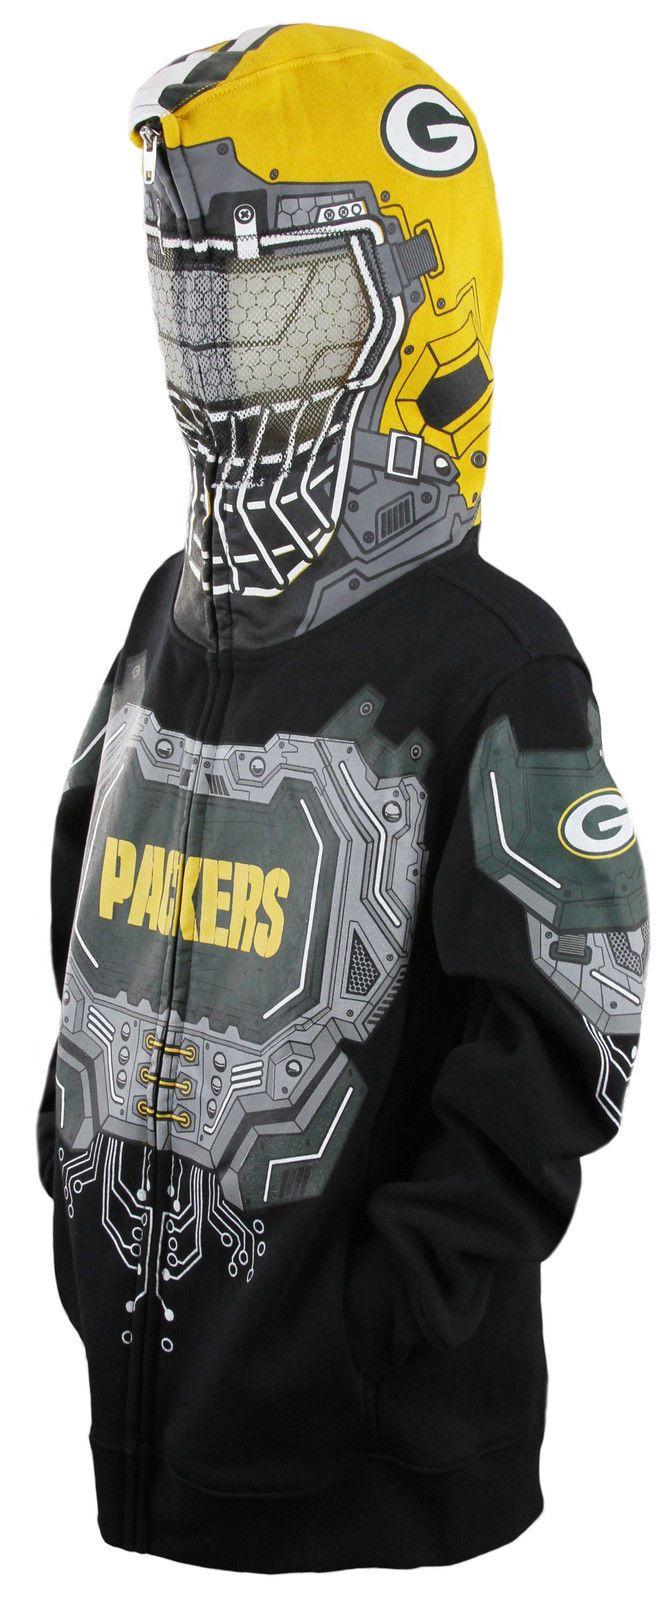 http   www.ebay.com itm NFL-Football- ce083da16